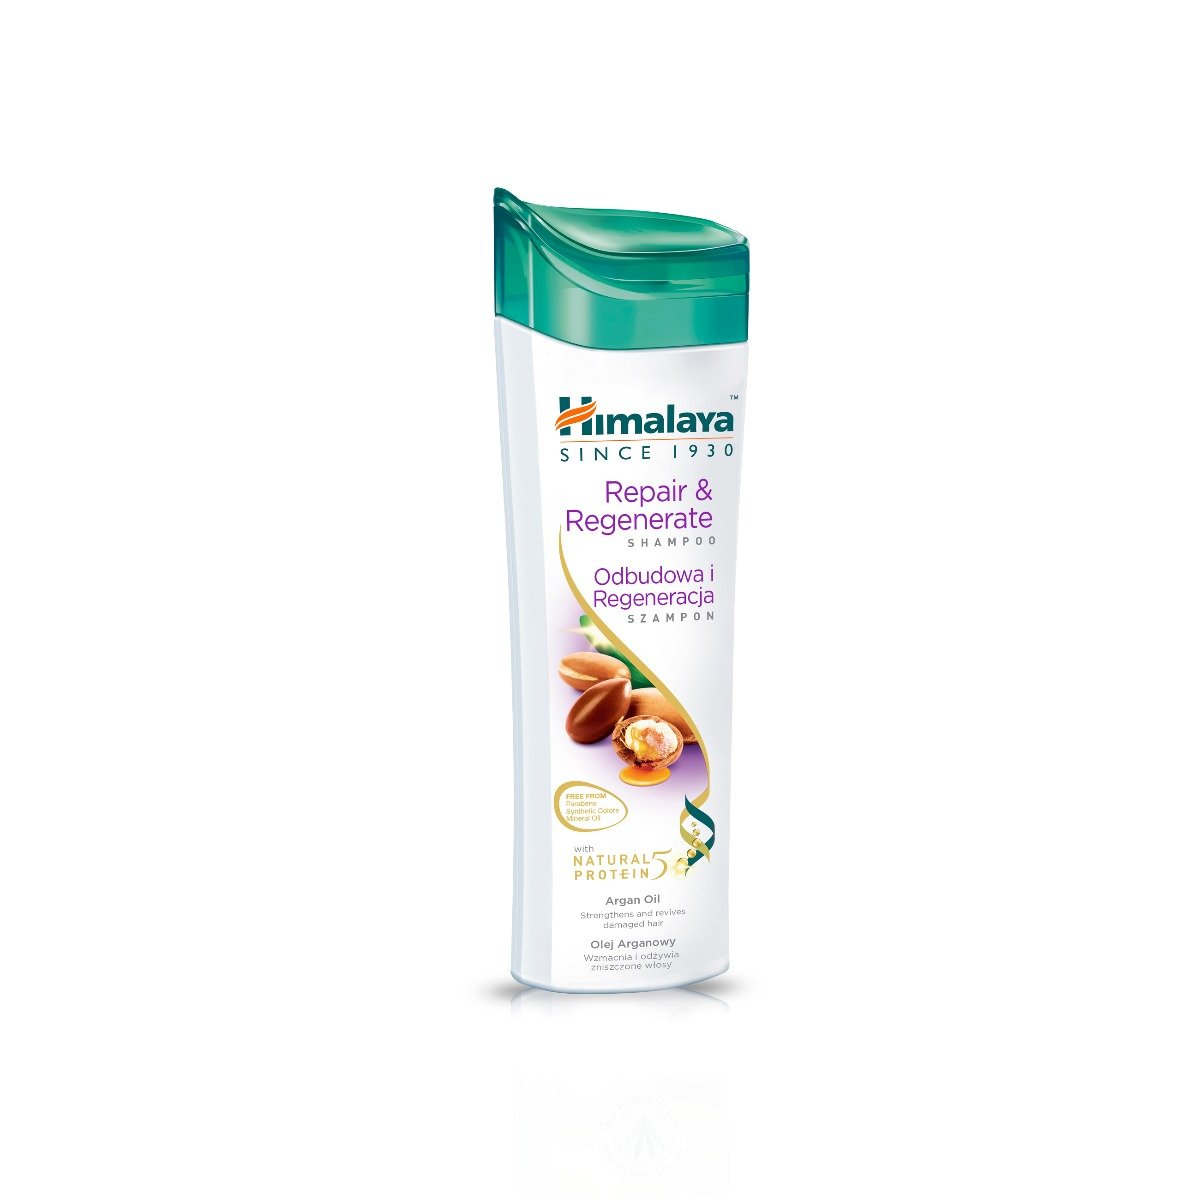 Sampon Himalaya Repair & Regenerate, 400 ml